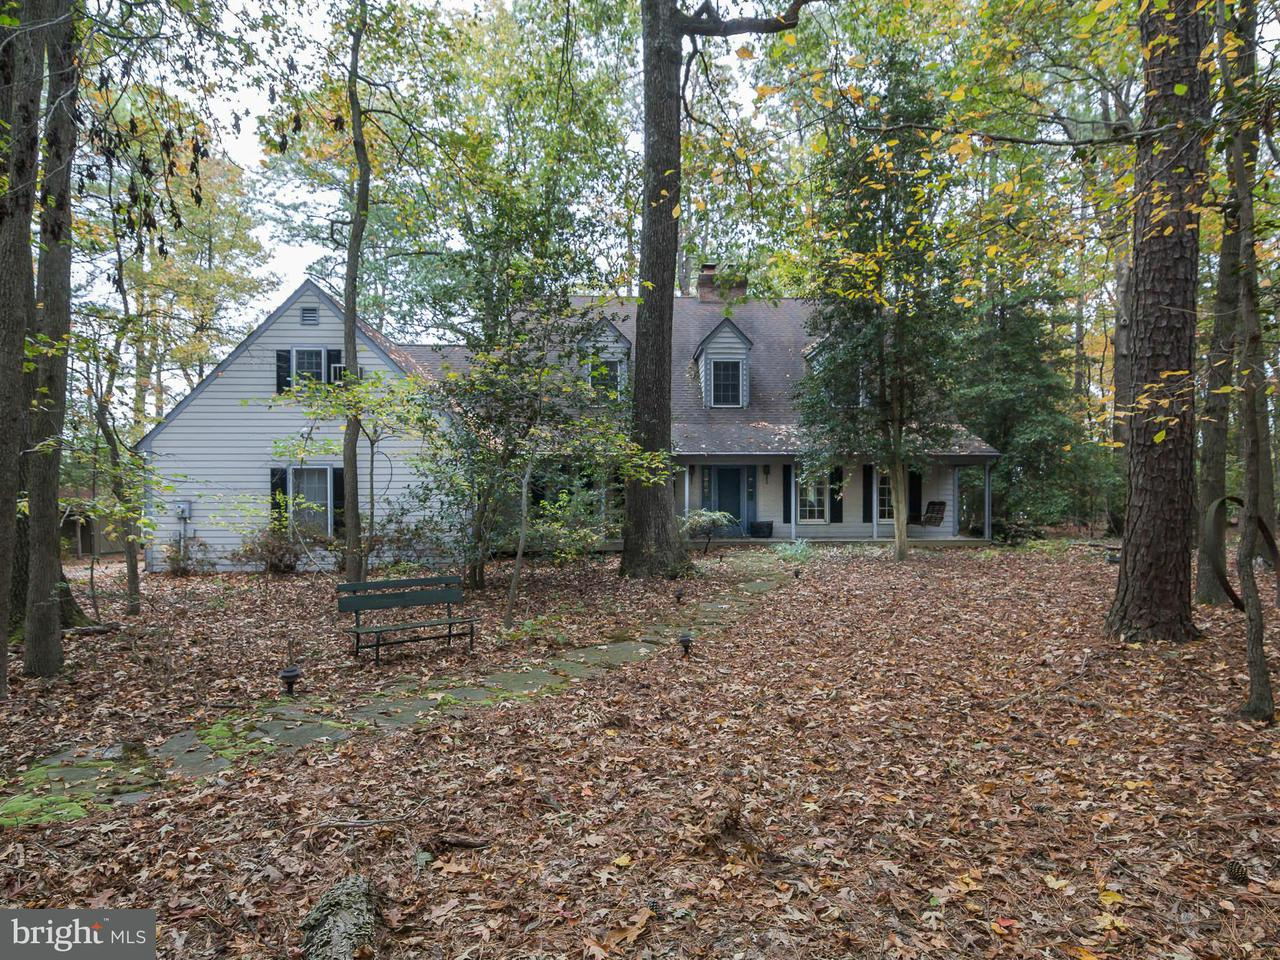 Частный односемейный дом для того Продажа на 8619 Bozman Neavitt Road 8619 Bozman Neavitt Road Bozman, Мэриленд 21612 Соединенные Штаты